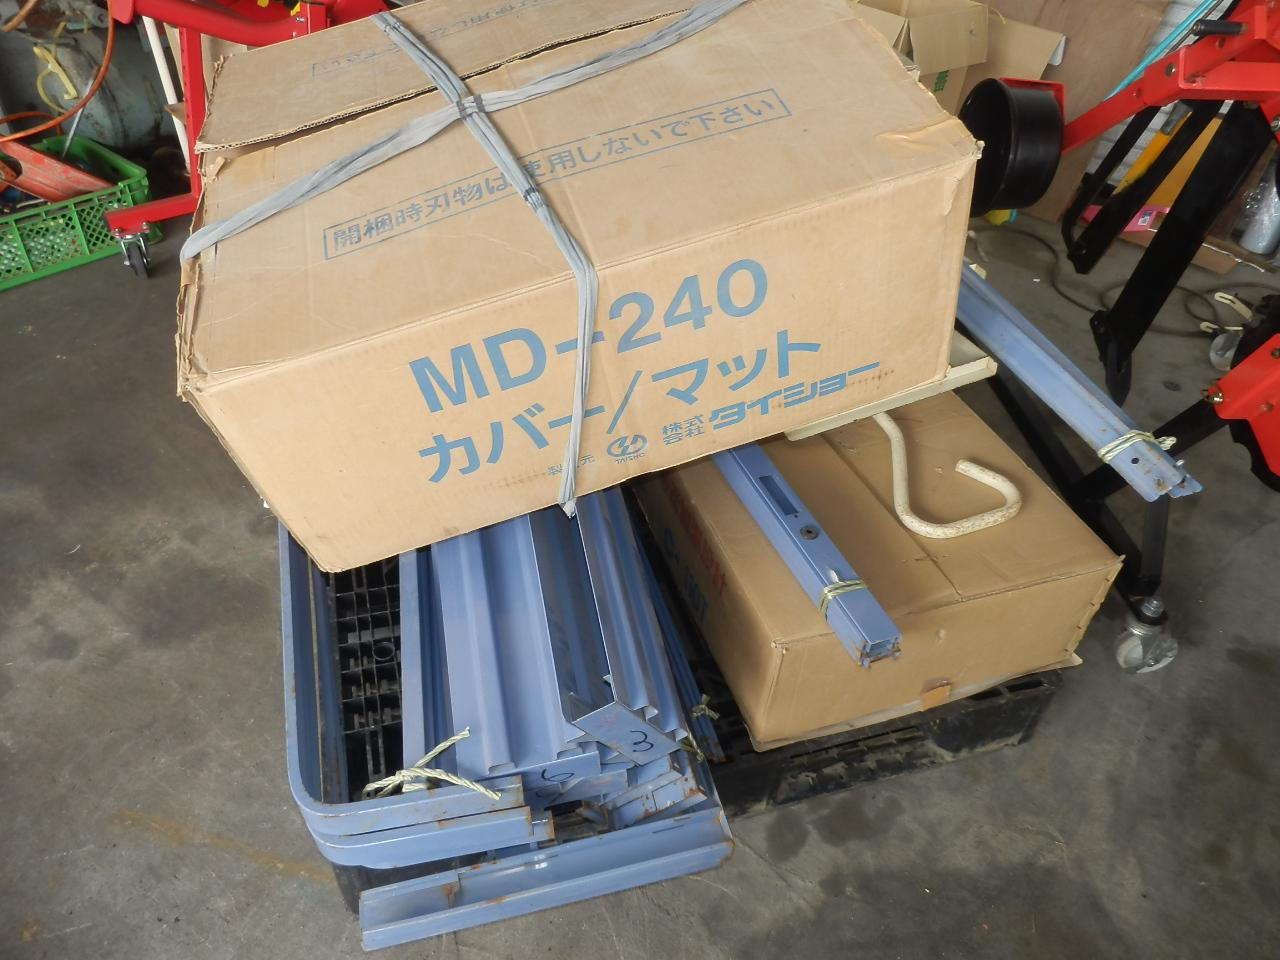 中古育苗機 タイショー MD240L 240枚用 1.1KW リフター付